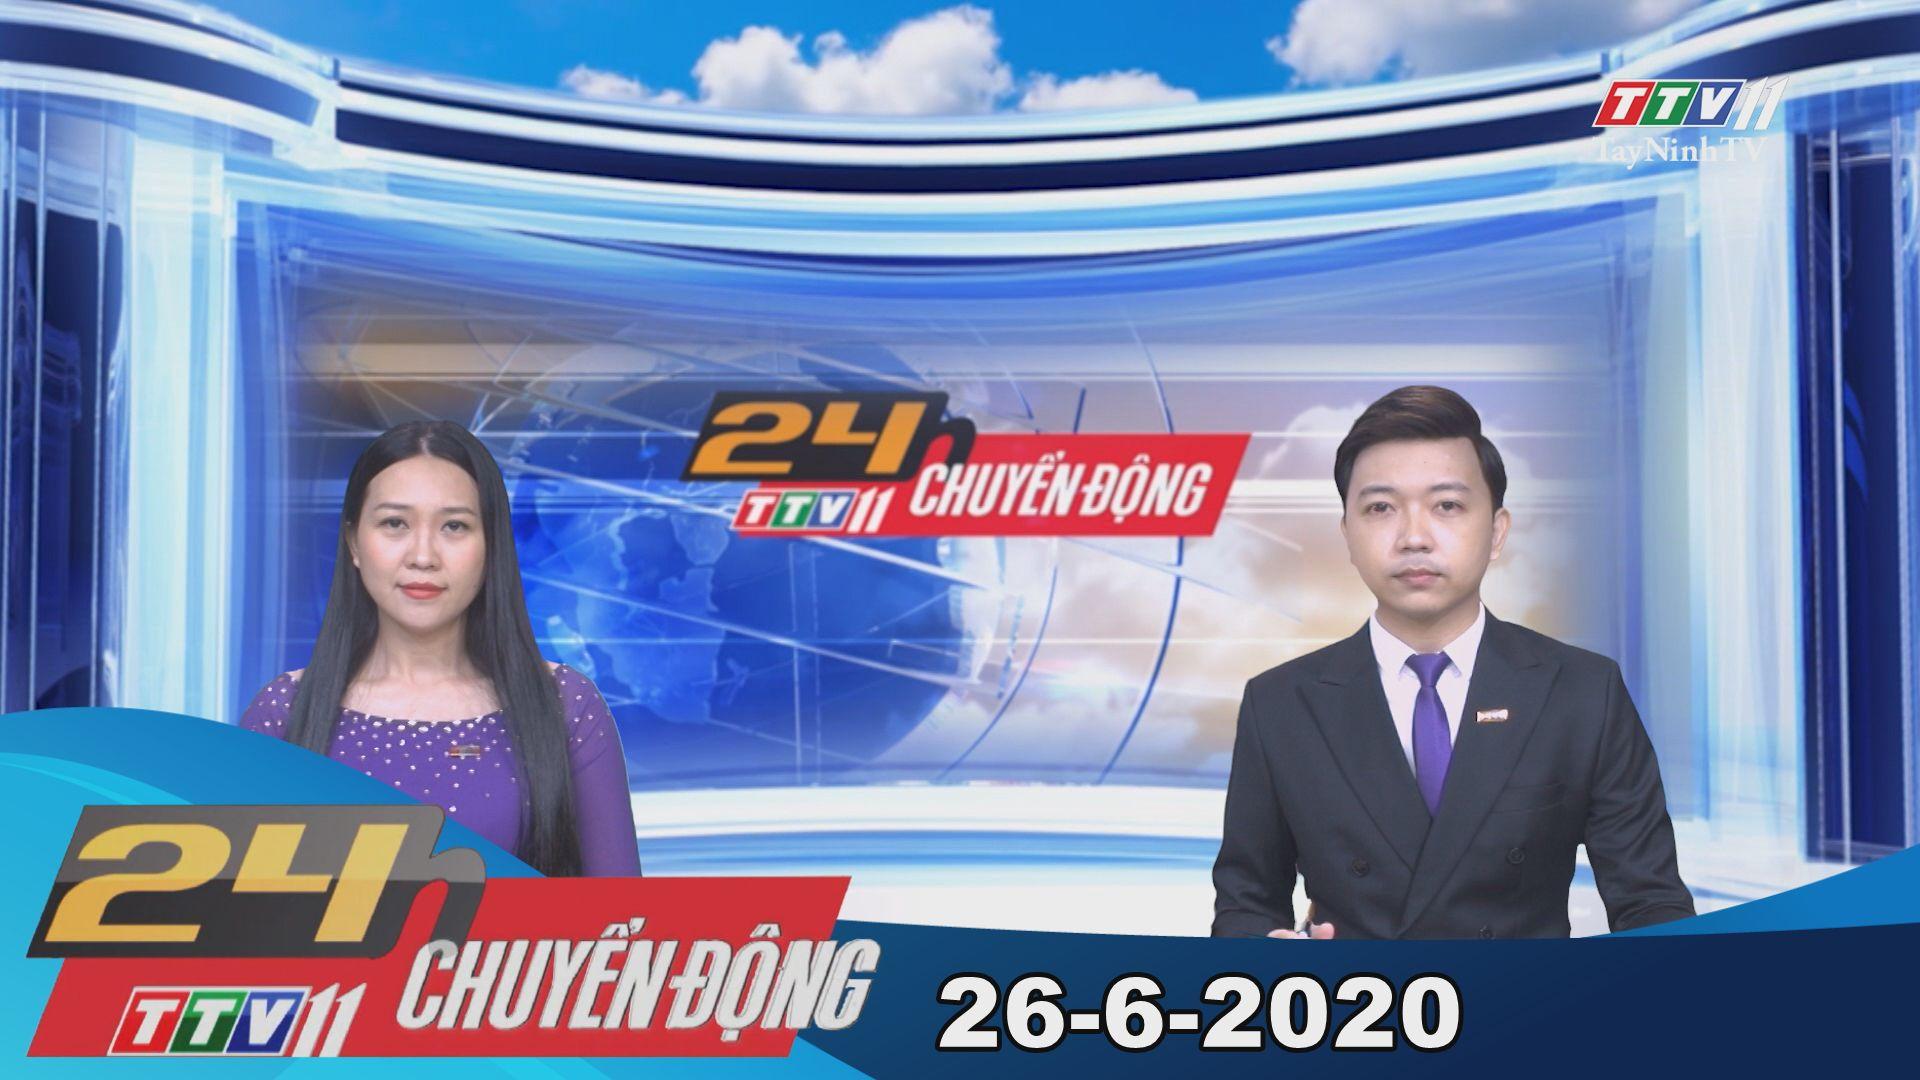 24h Chuyển động 26-6-2020 | Tin tức hôm nay | TayNinhTV